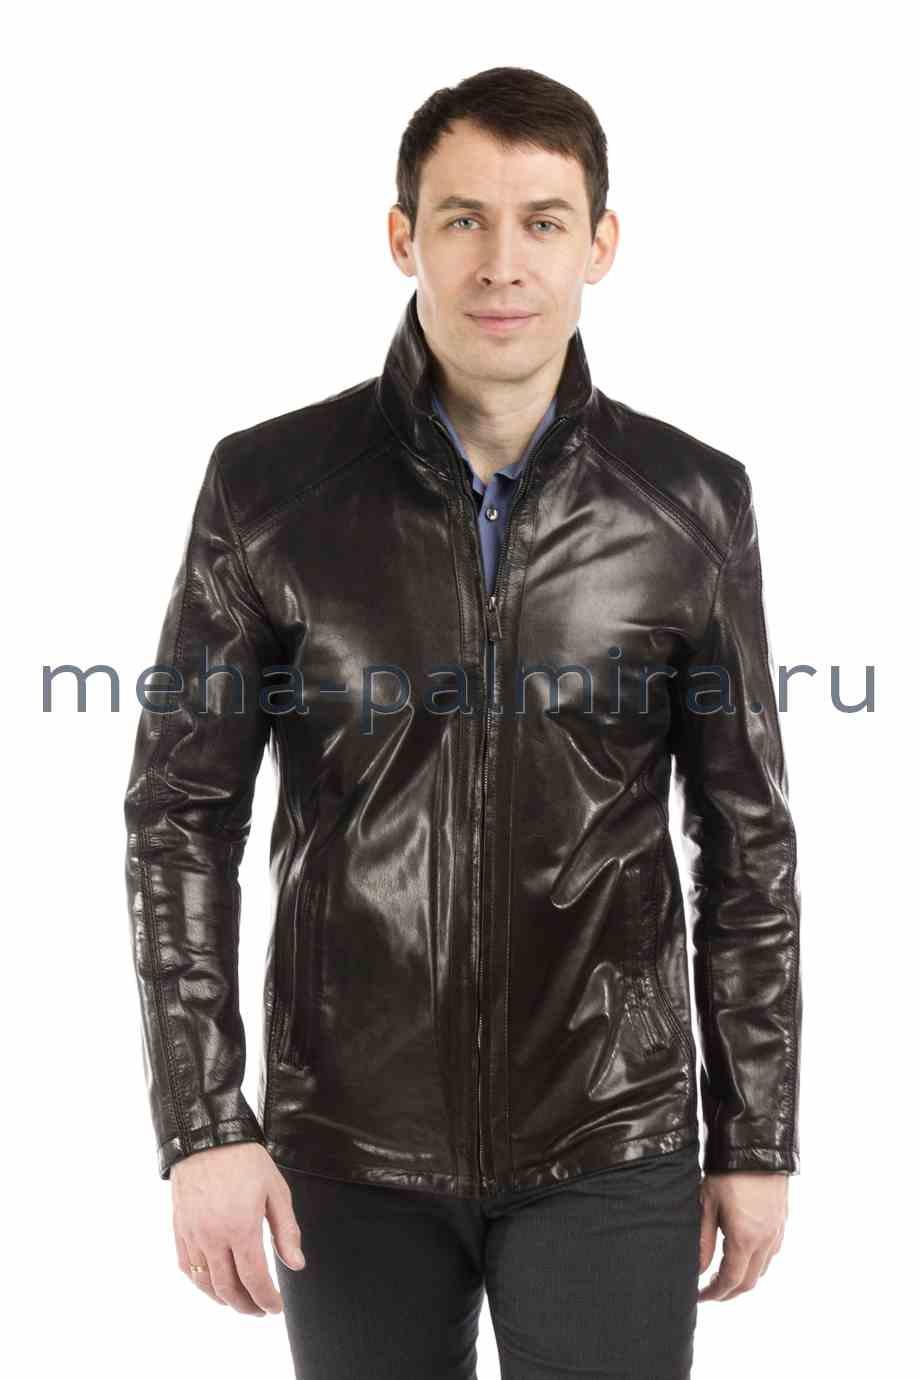 Мужская черная кожаная куртка на молнии, воротник-стойка